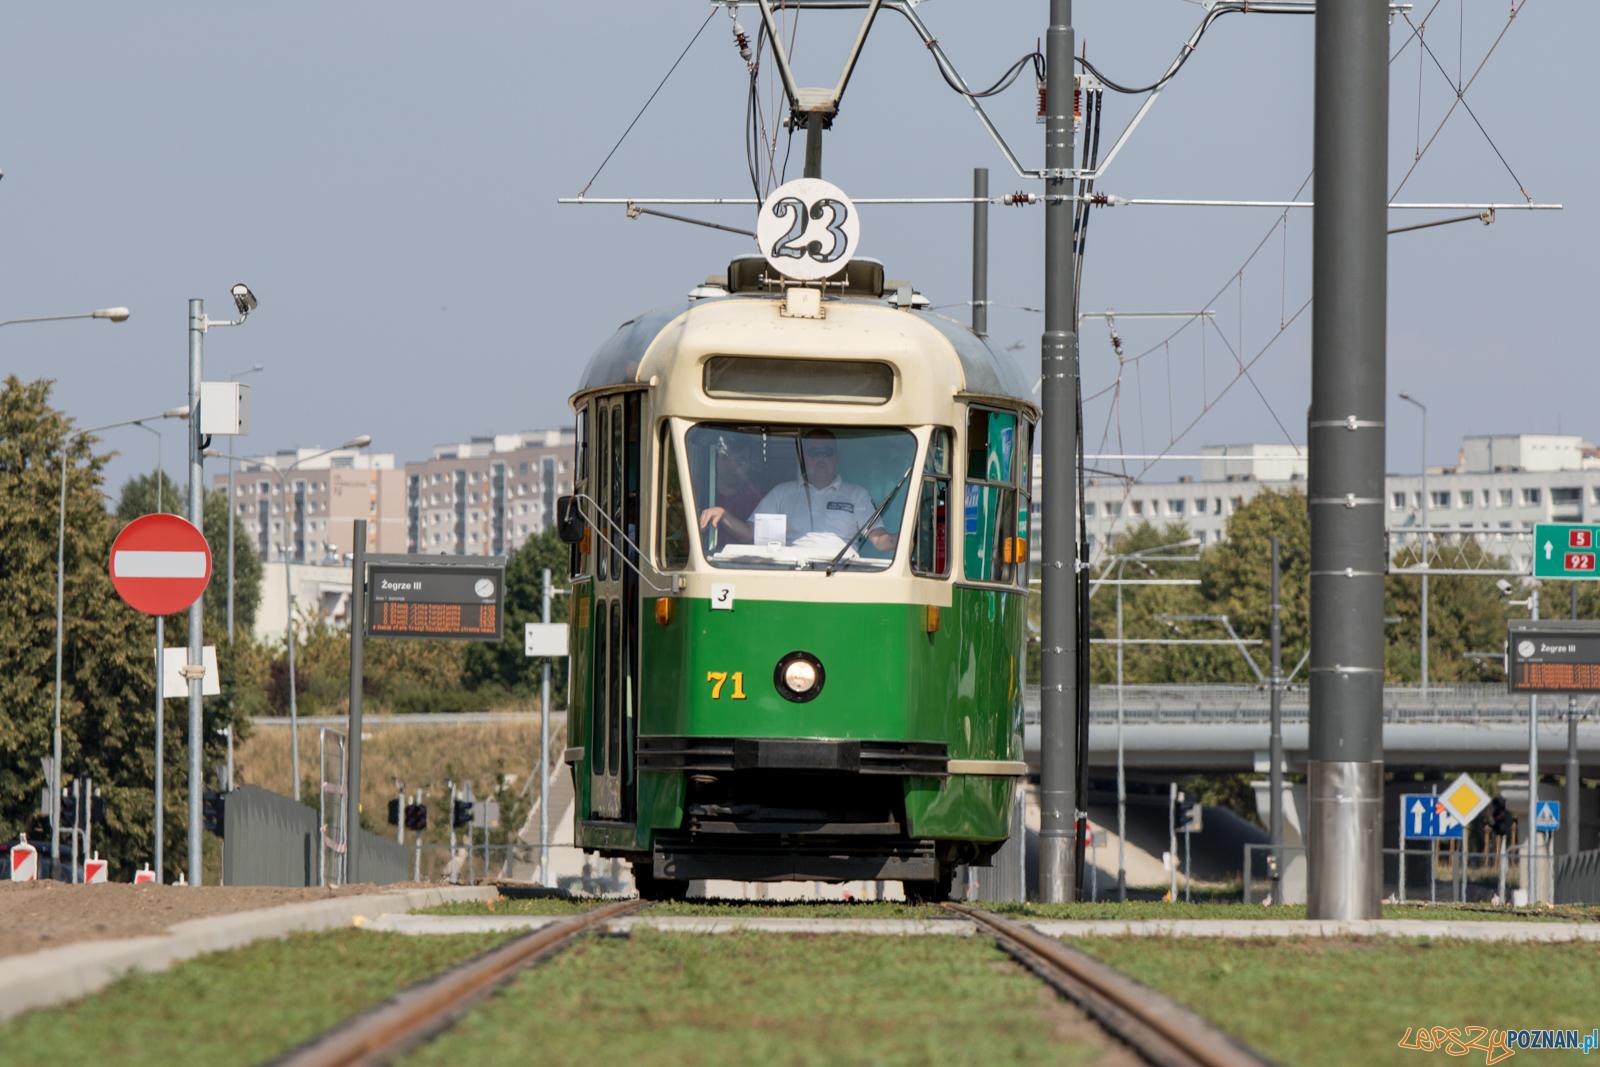 Linia Turystyczna na GTR  Foto: lepszyPOZNAN.pl / Ewelina Jaśkowiak